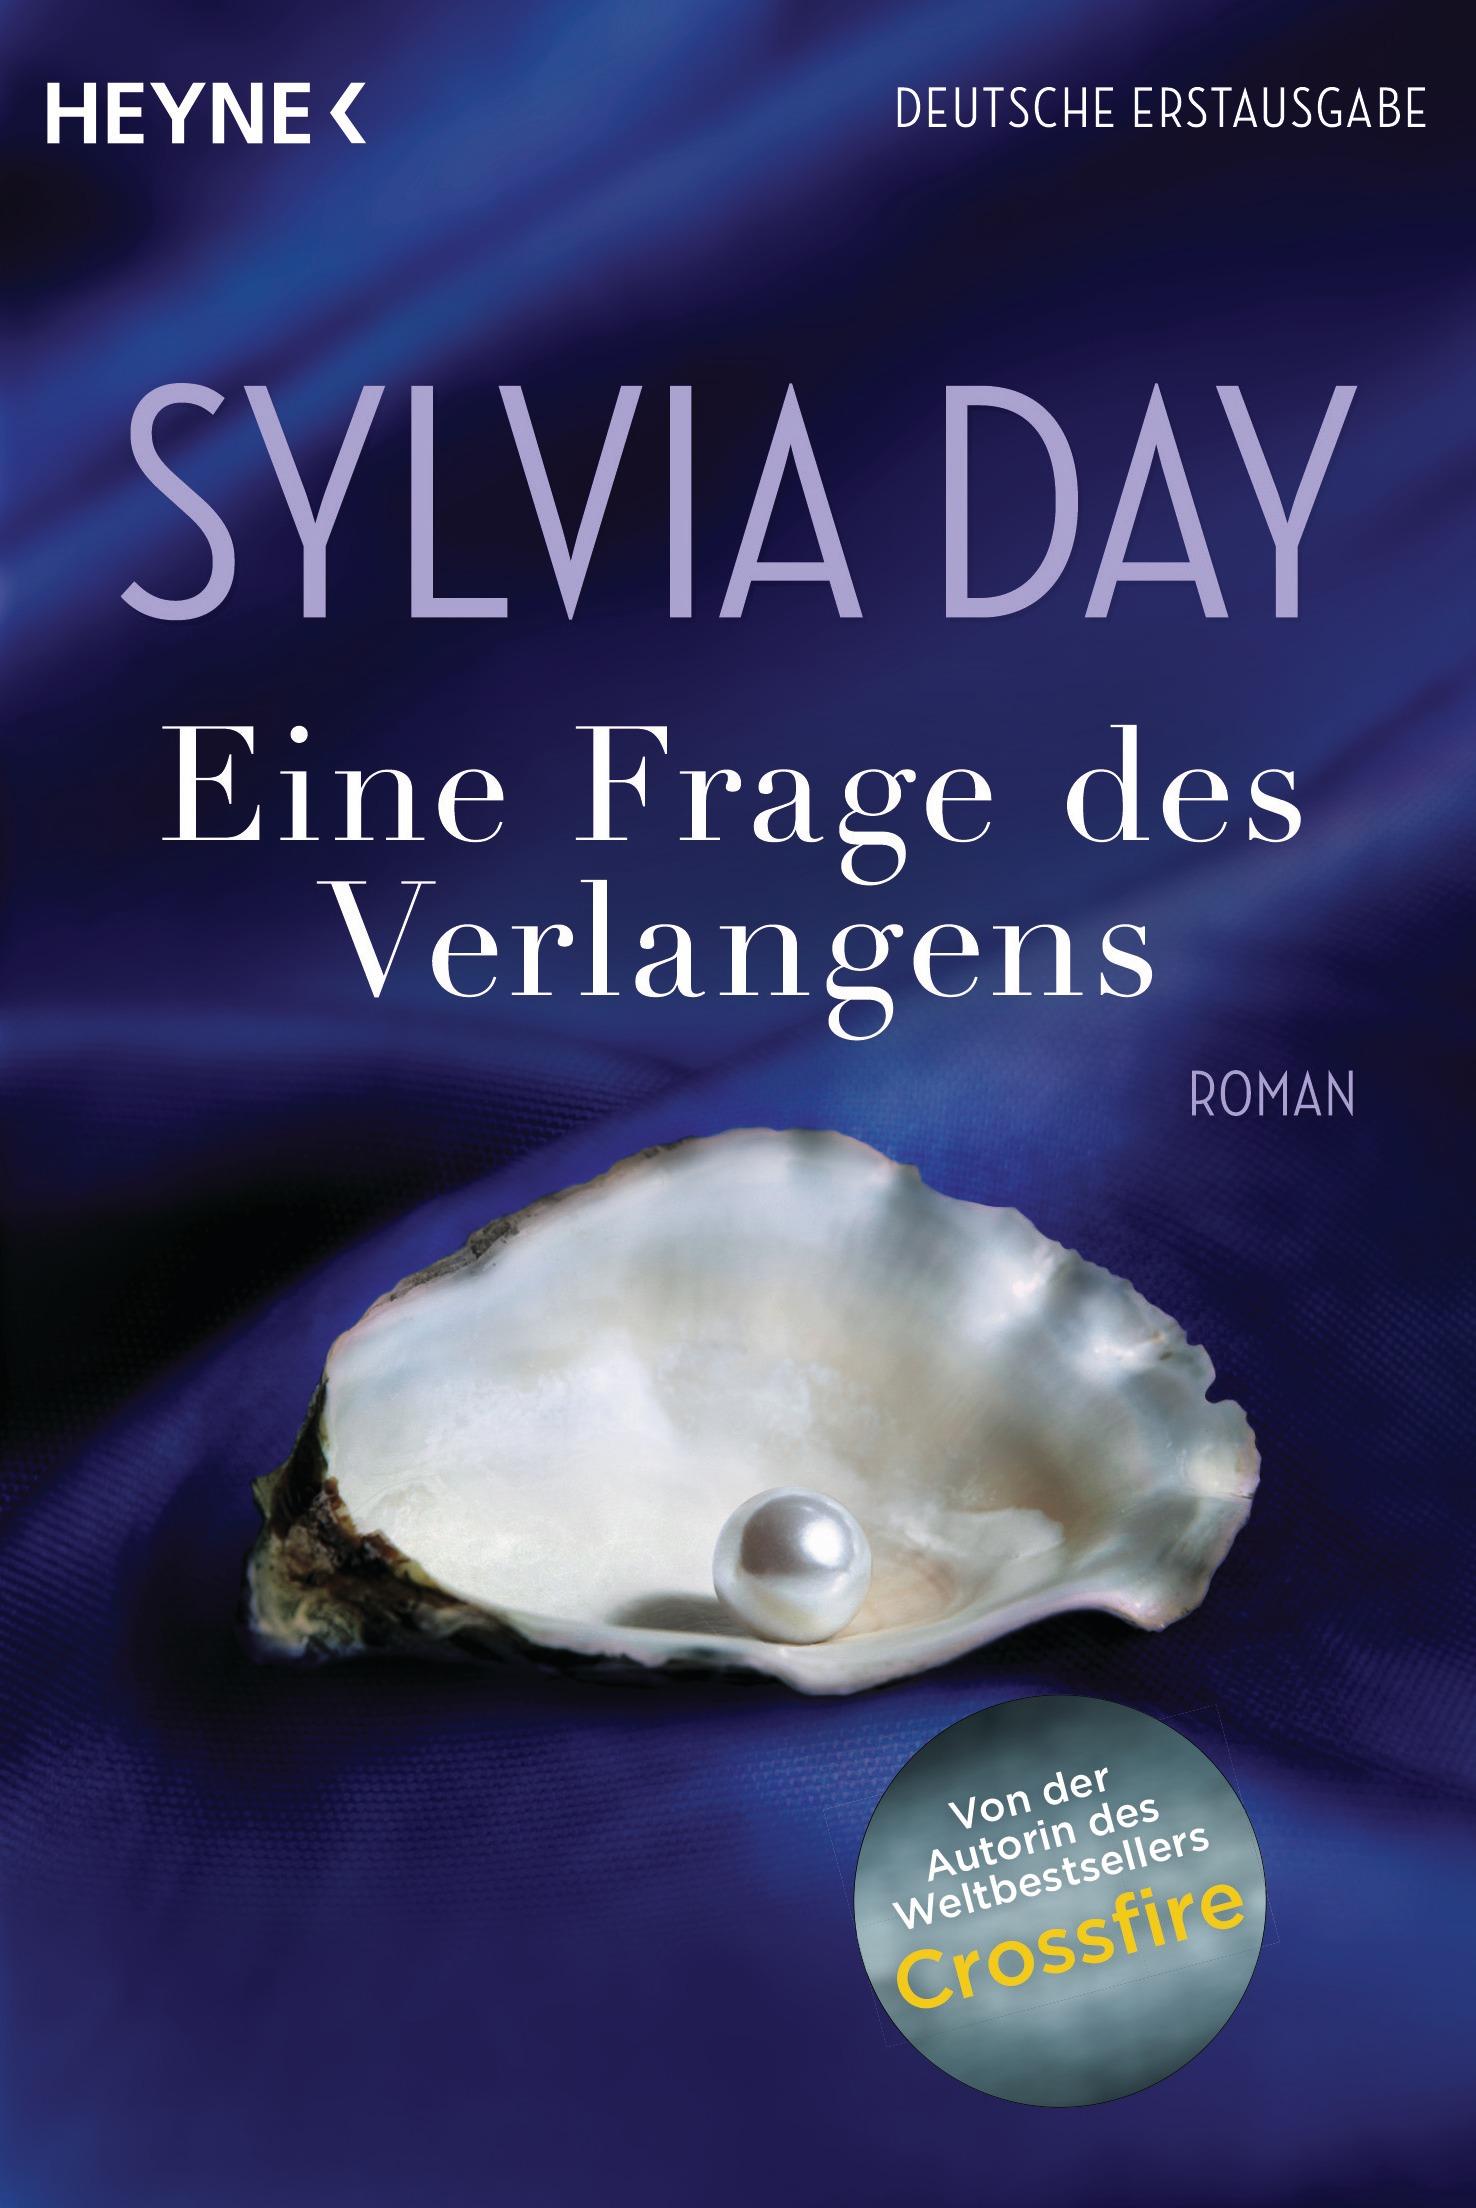 Eine Frage des Verlangens - Sylvia Day